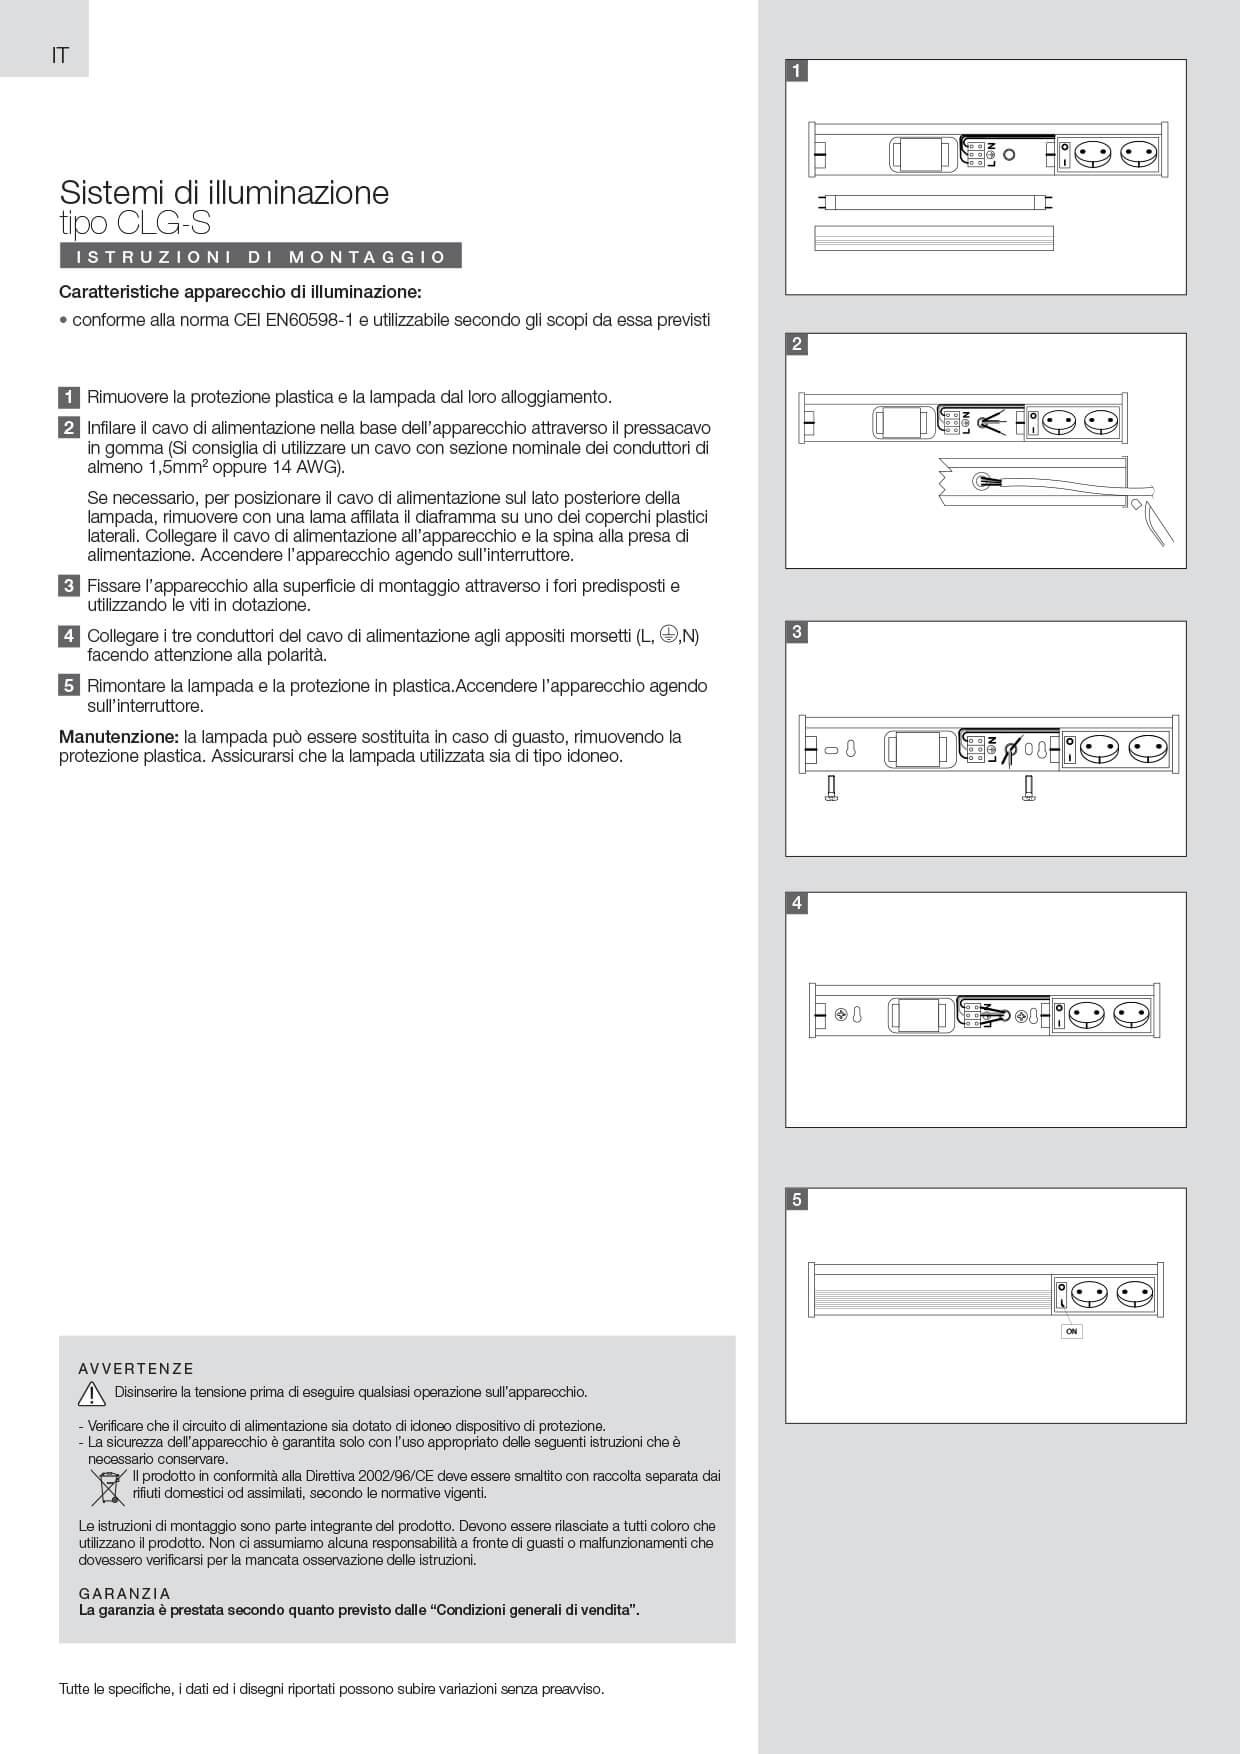 Lampade fluorescenti CLG-S istruzioni